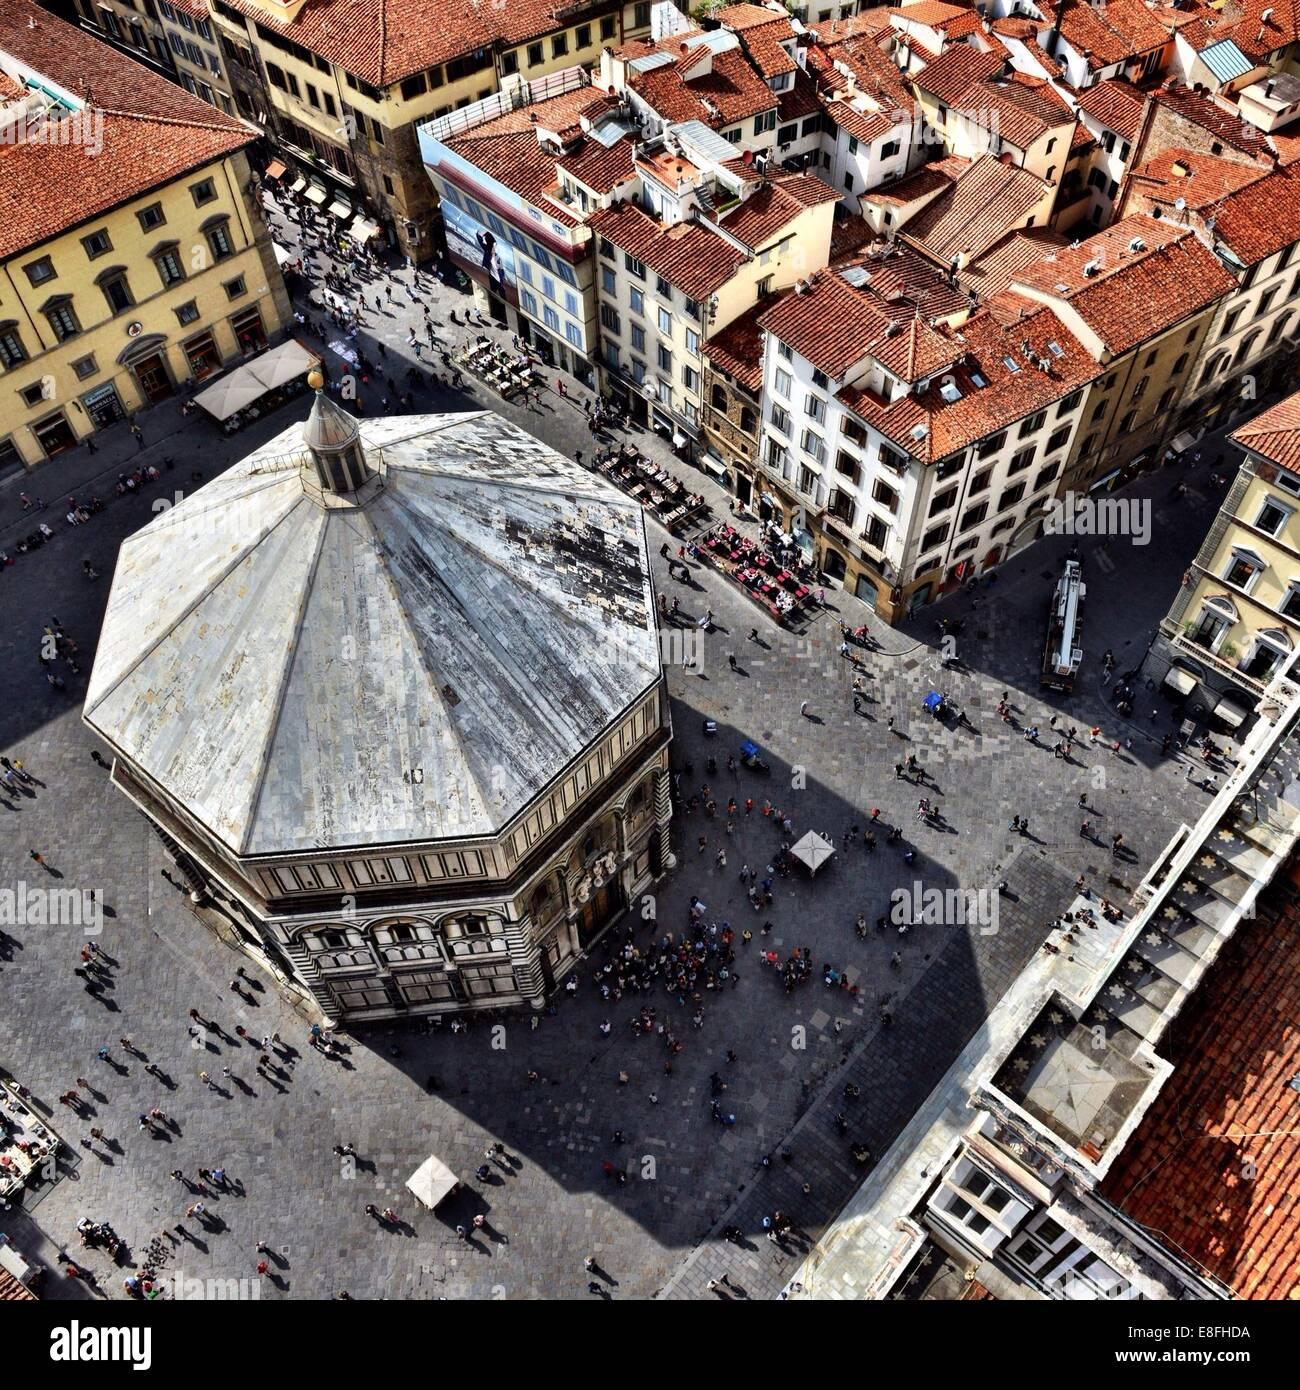 Italia, Florencia, vista desde el Duomo de Florencia. Imagen De Stock